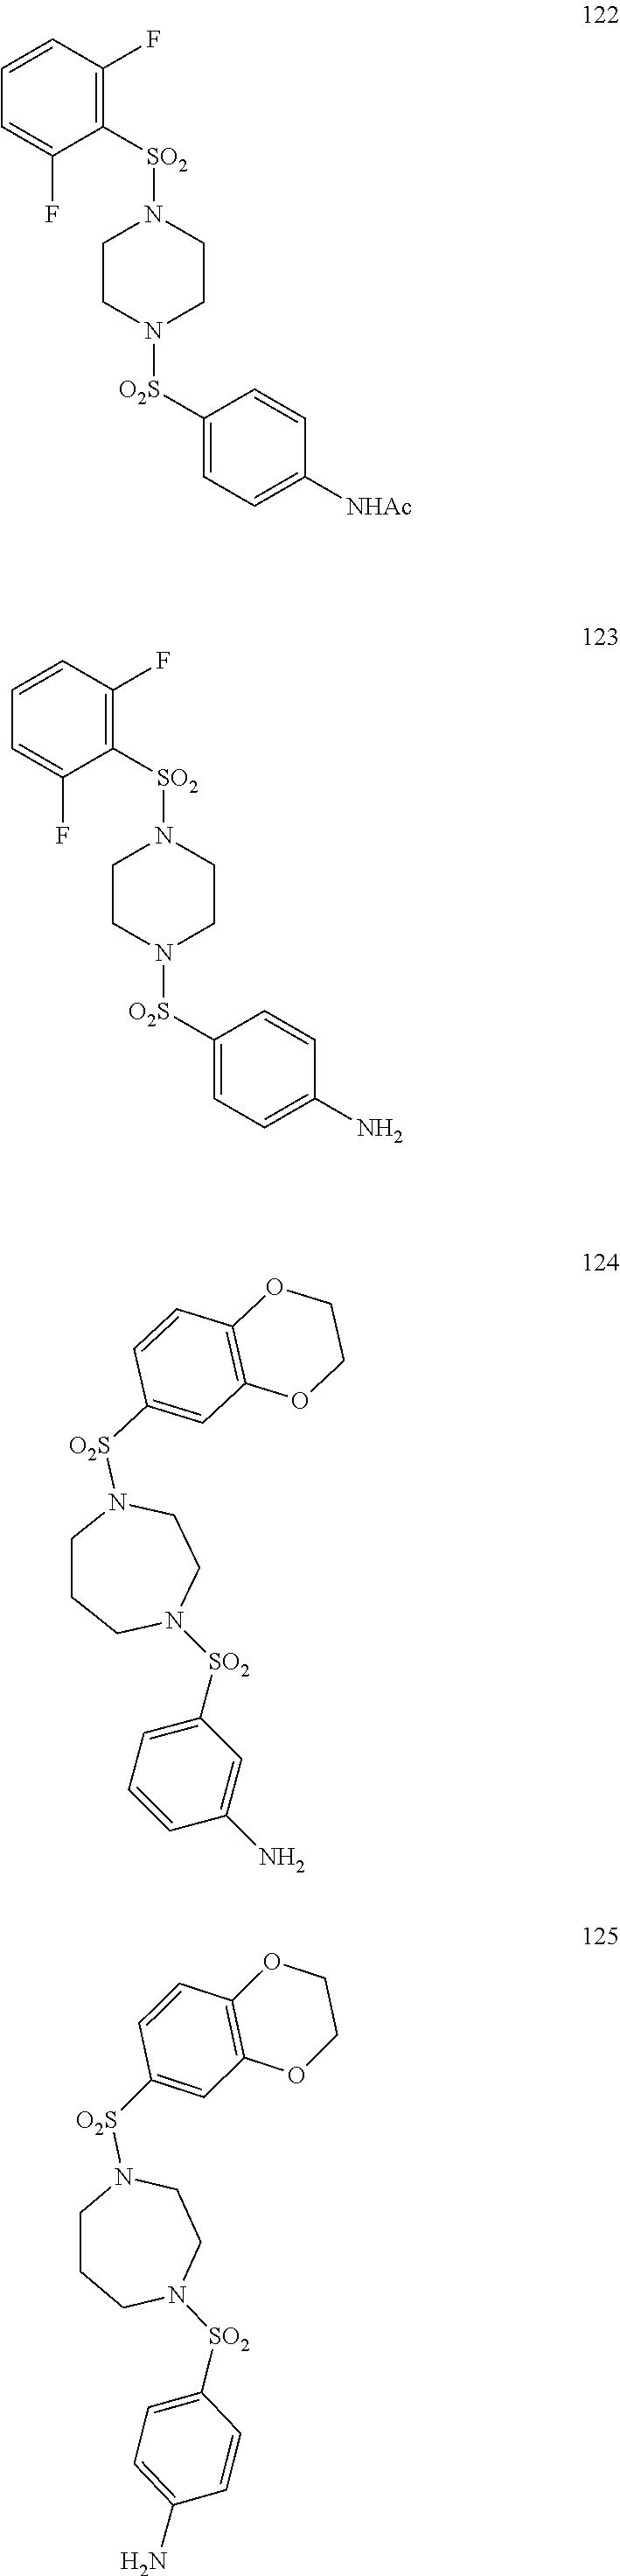 Figure US09290512-20160322-C00041